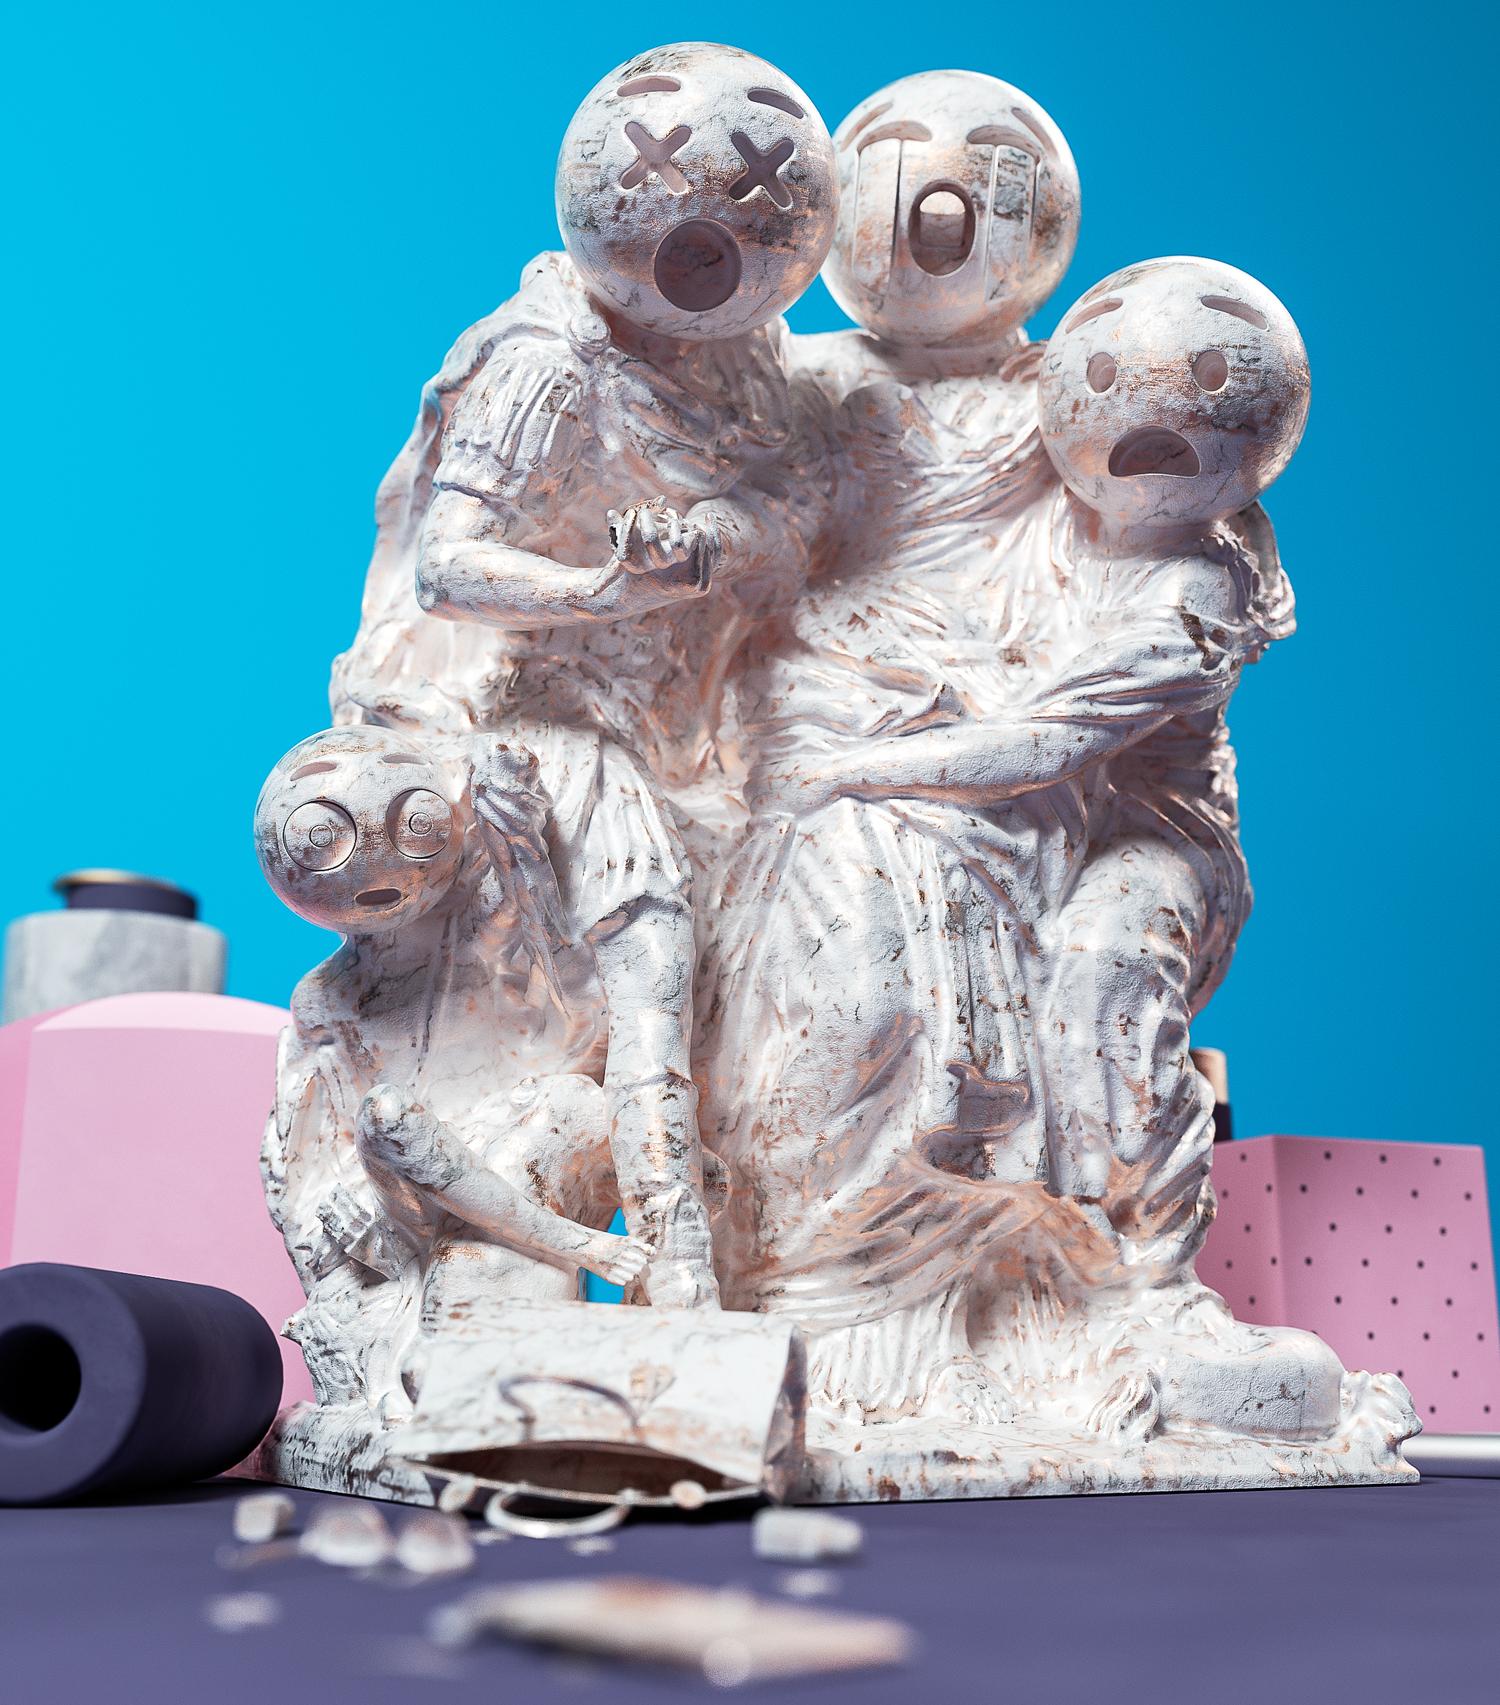 Sculptmojis_Scene_06_DOF.jpg